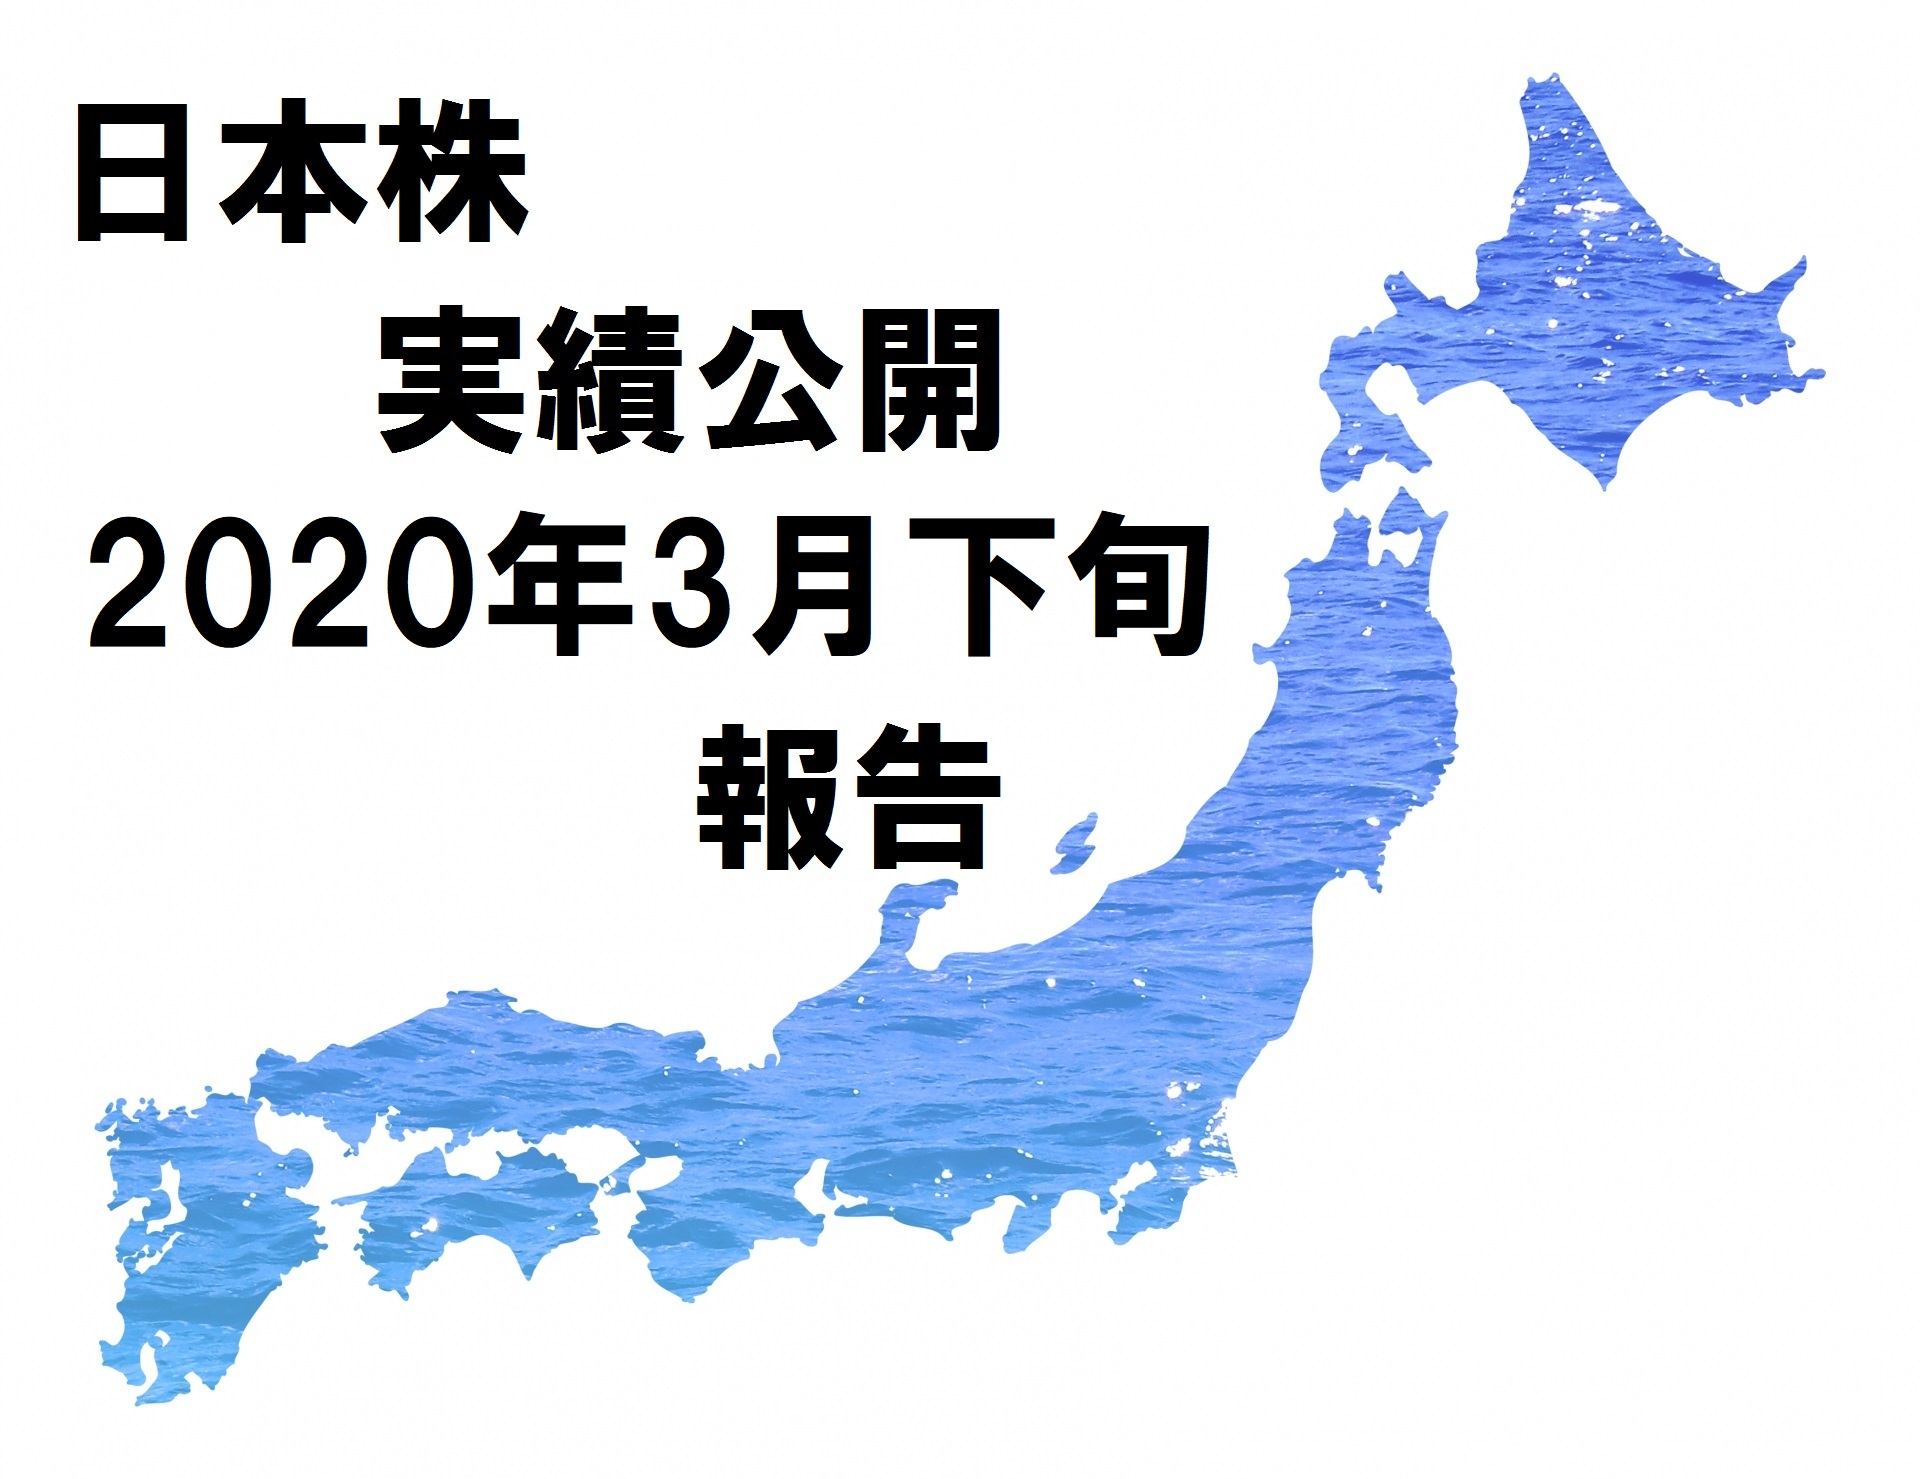 2020年3月下旬時点での日本株実績報告(底なし沼の底は見えた?)